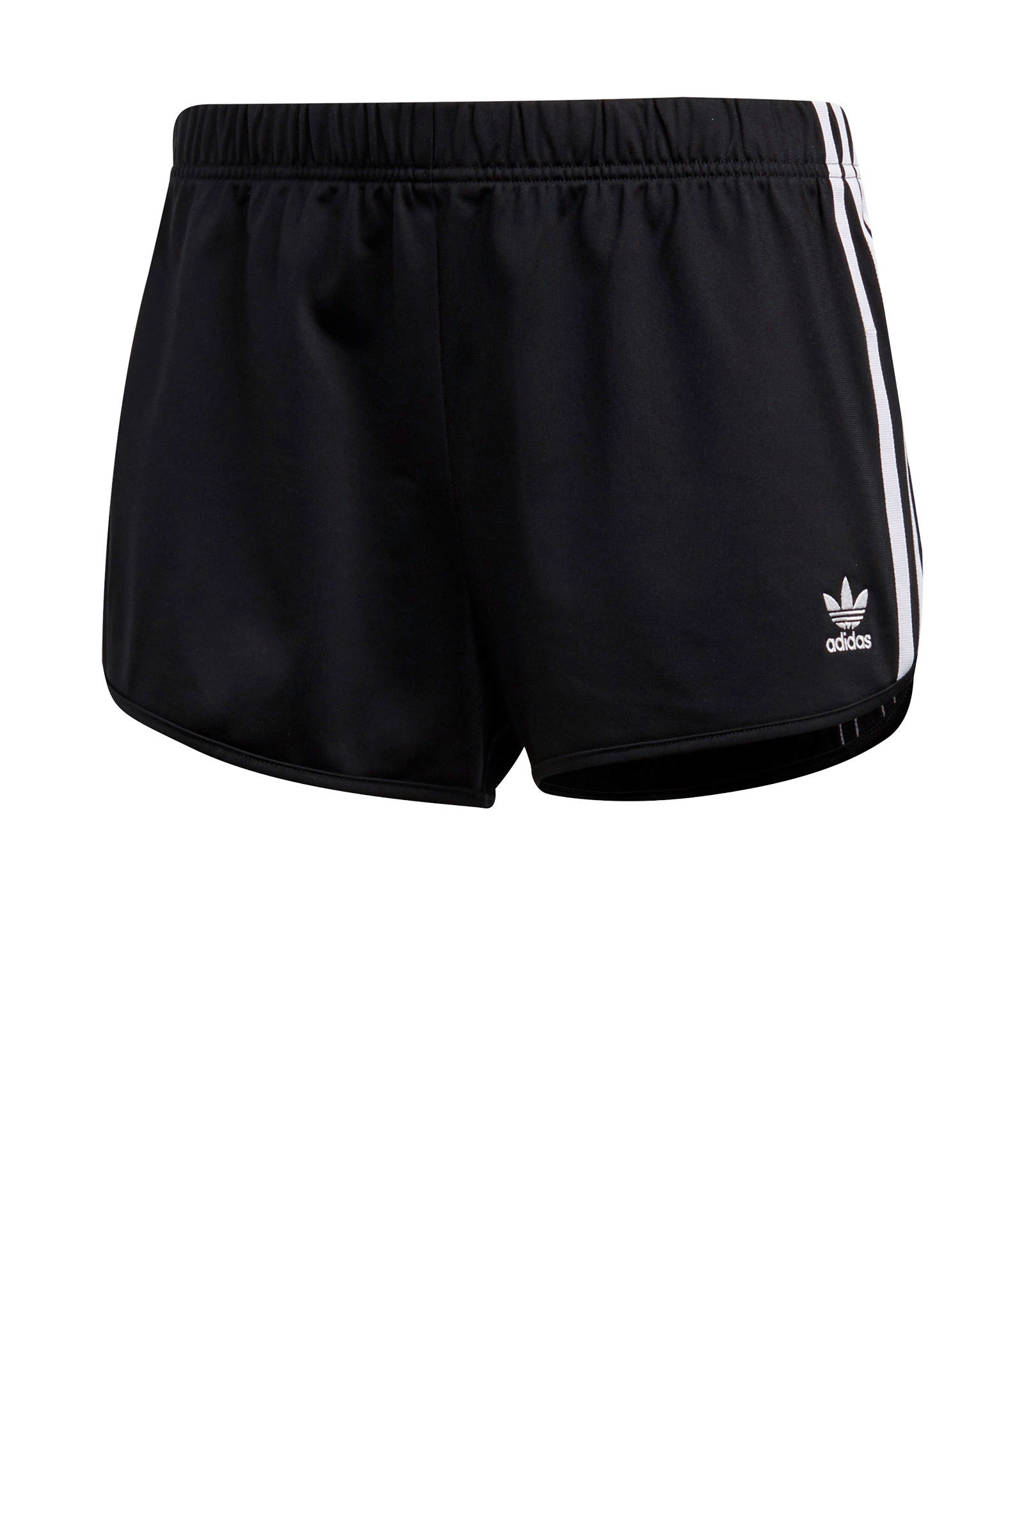 adidas originals short zwart, Zwart